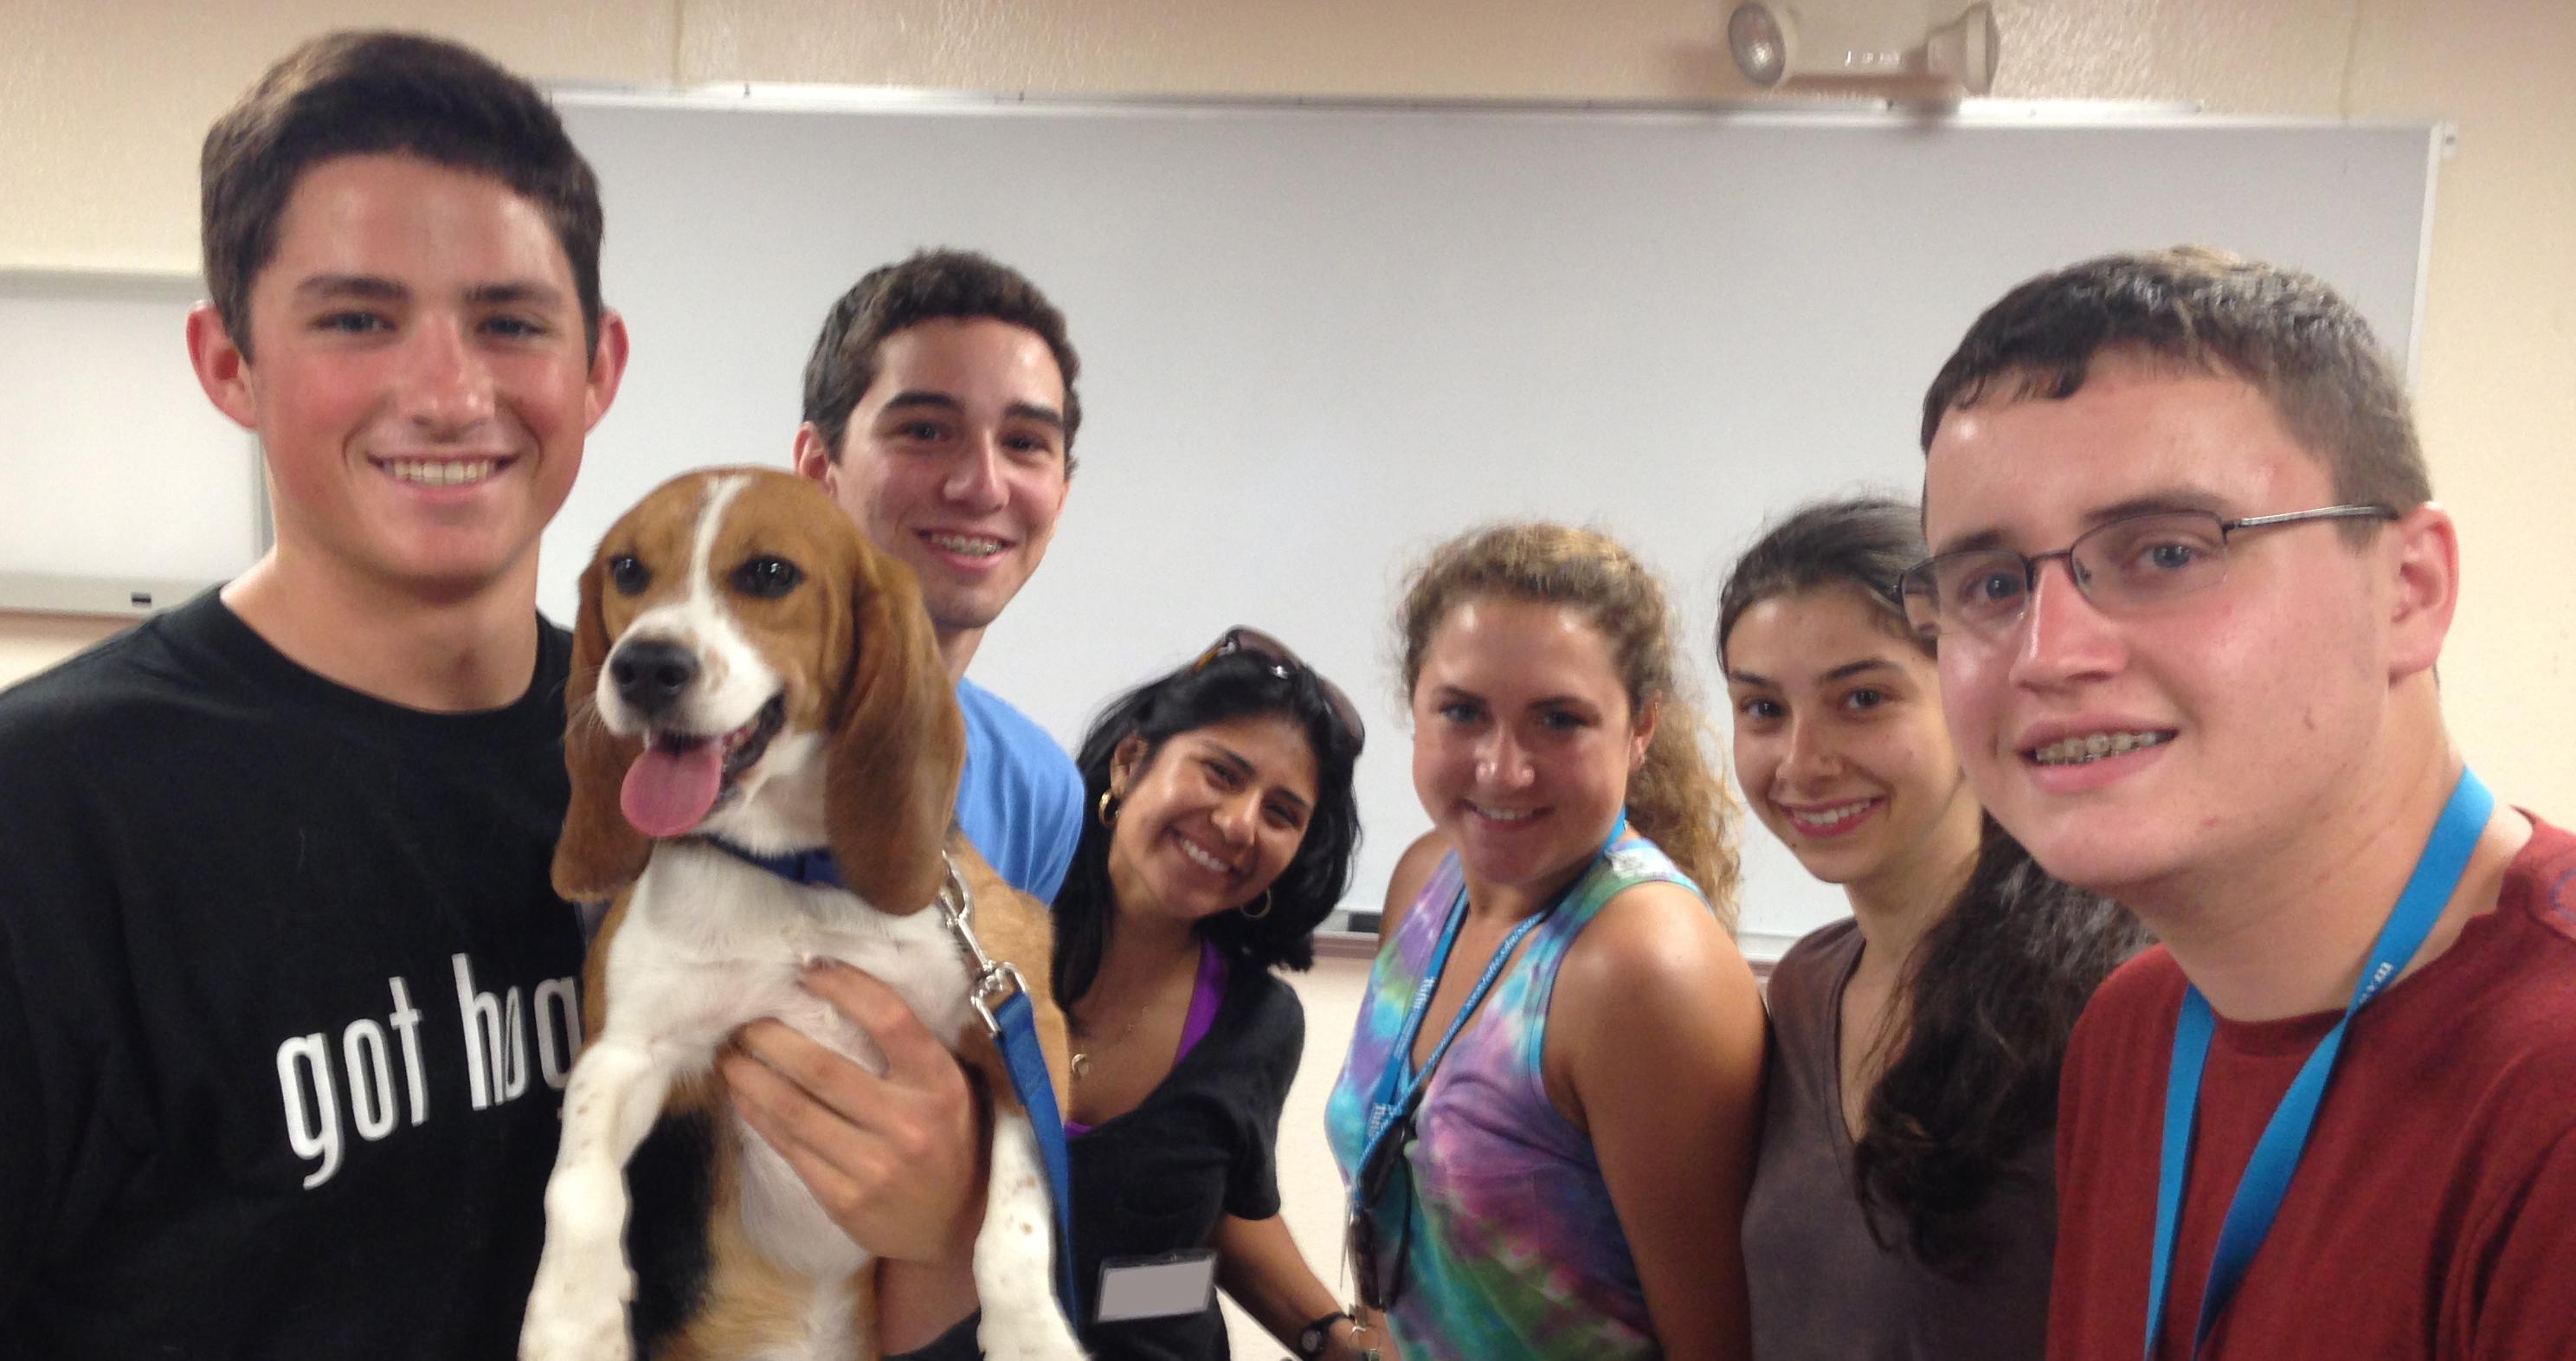 Summer Program - Veterinary Medicine   Tufts University Adventures in Veterinary Medicine: High School Program